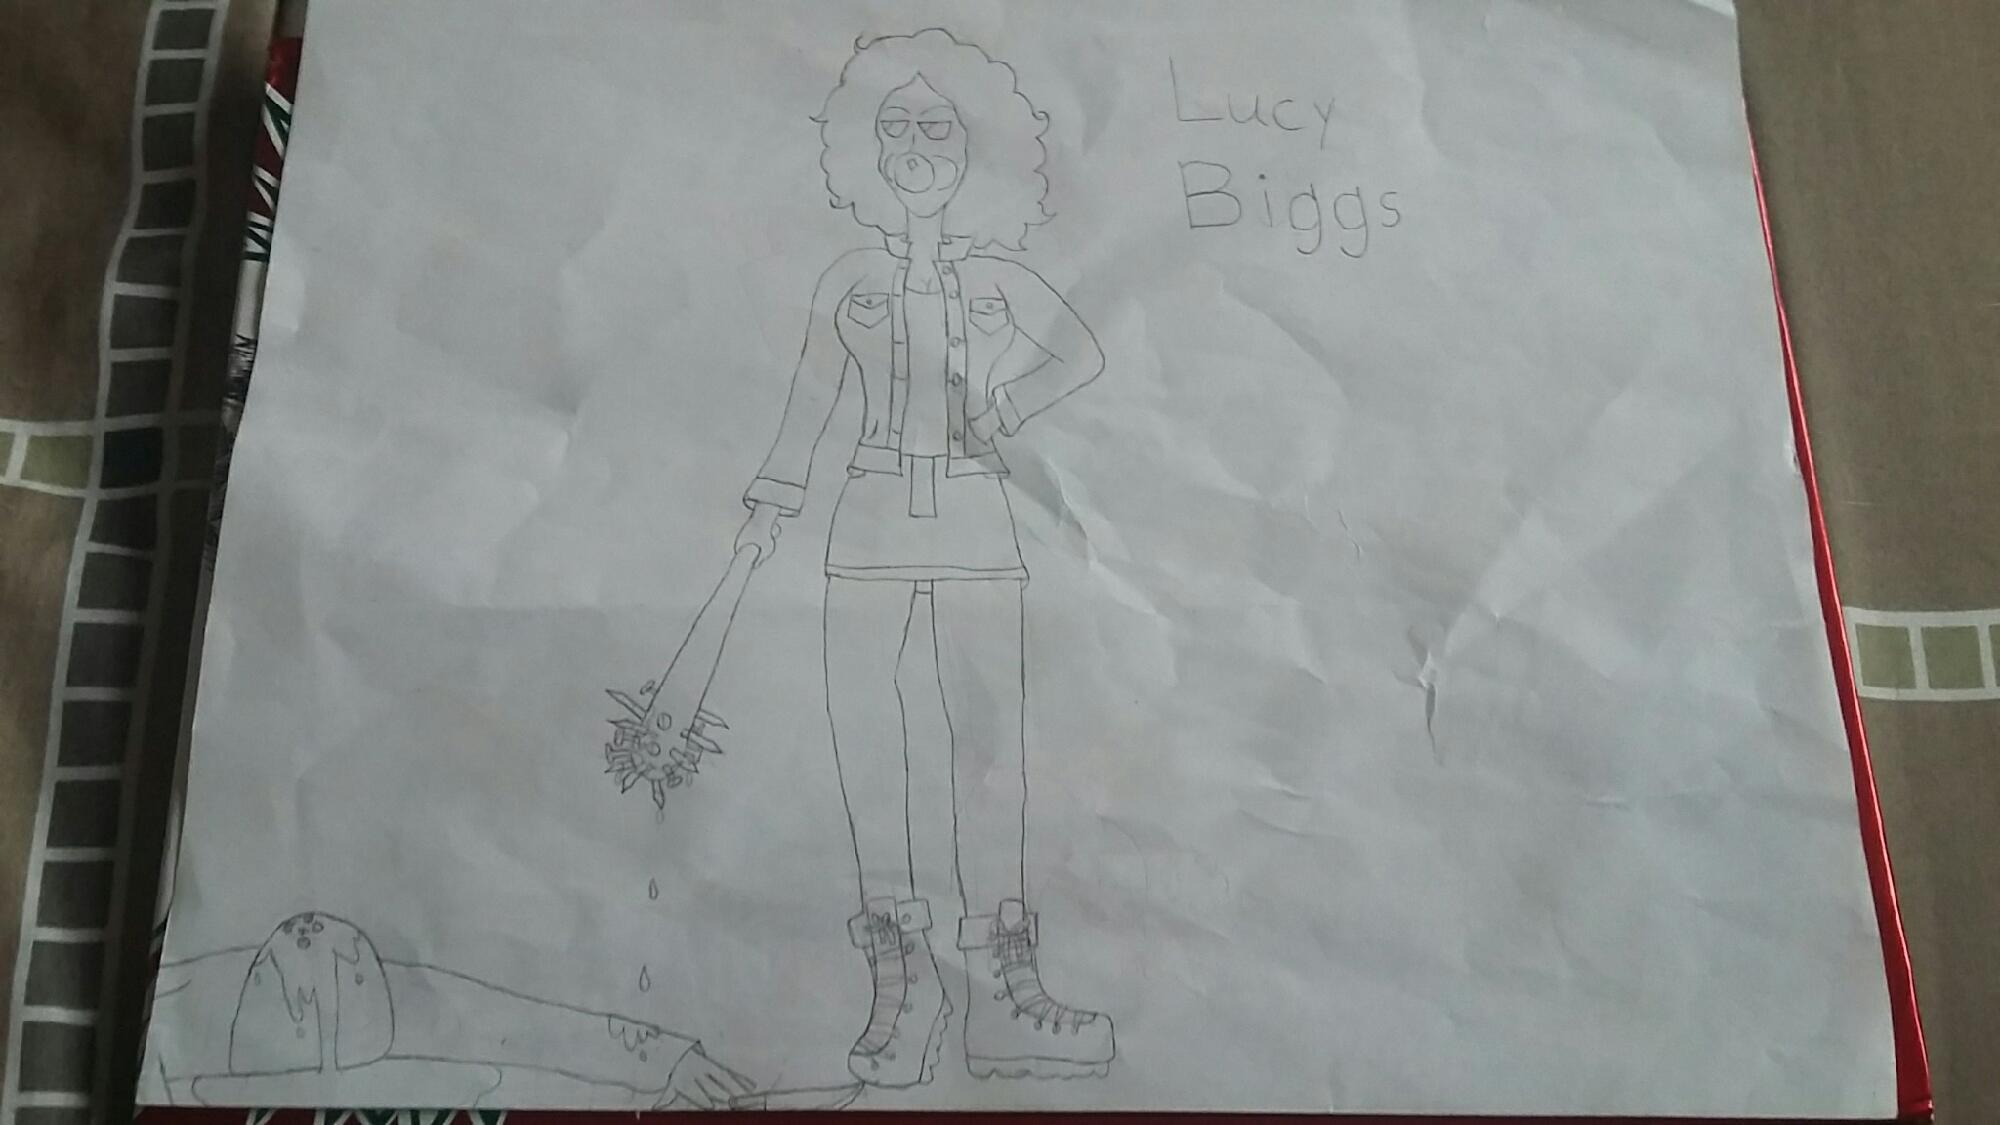 Lucy Biggs   Villains Wiki